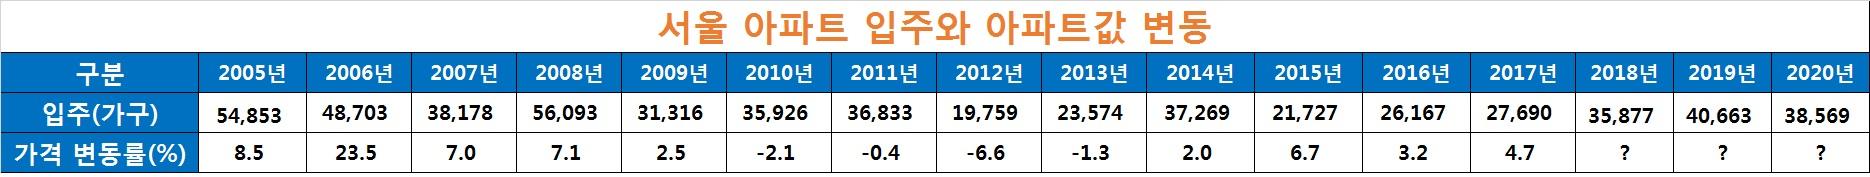 자료: 한국감정원 부동산114